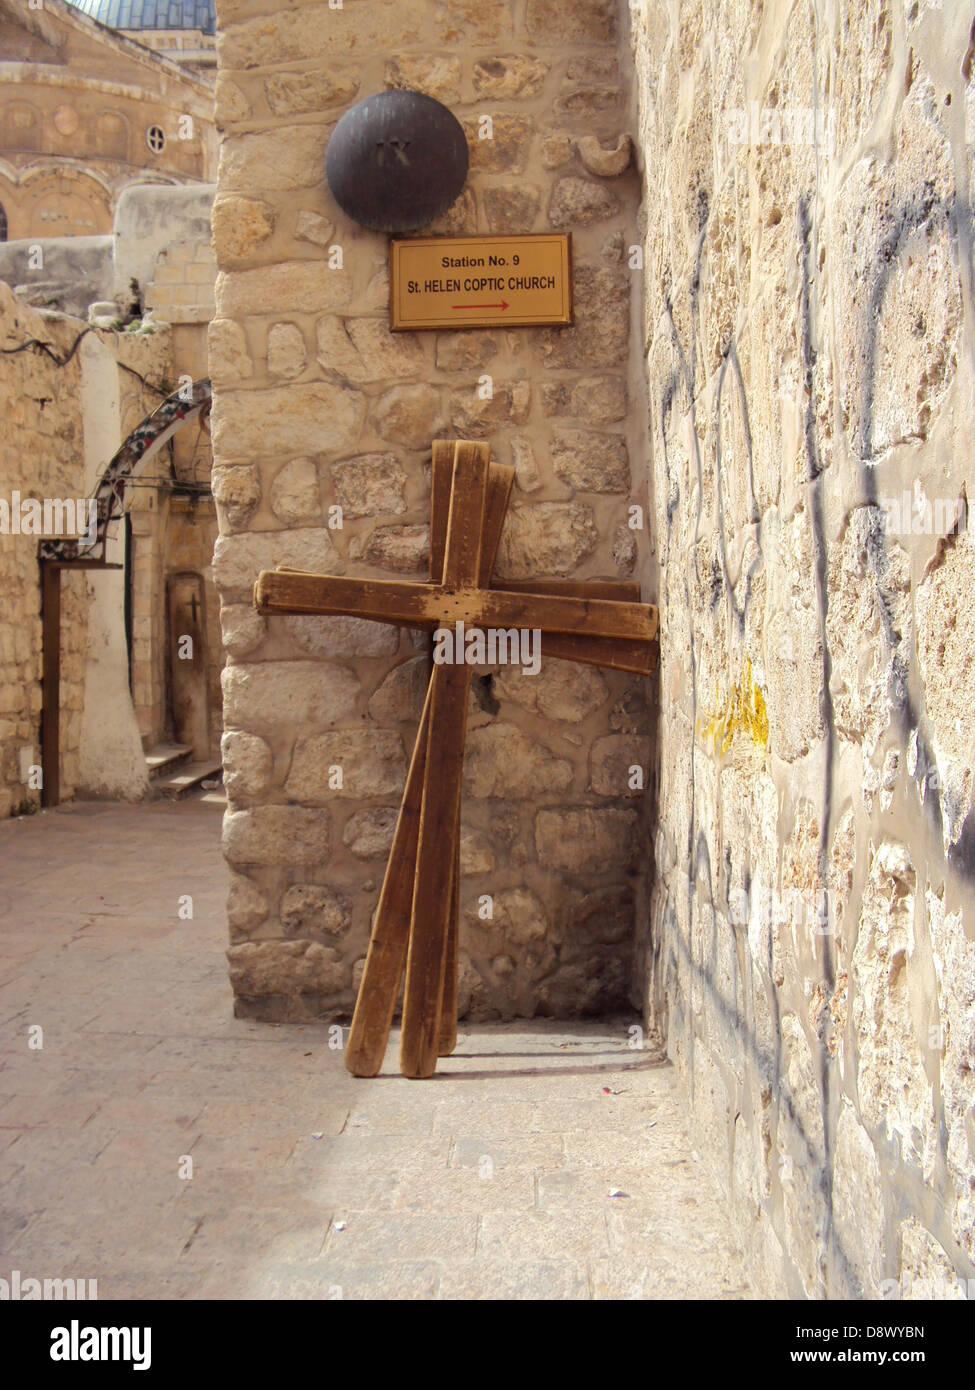 Ziemlich Stationen Des Kreuzes Zum Ausdrucken Zeitgenössisch ...